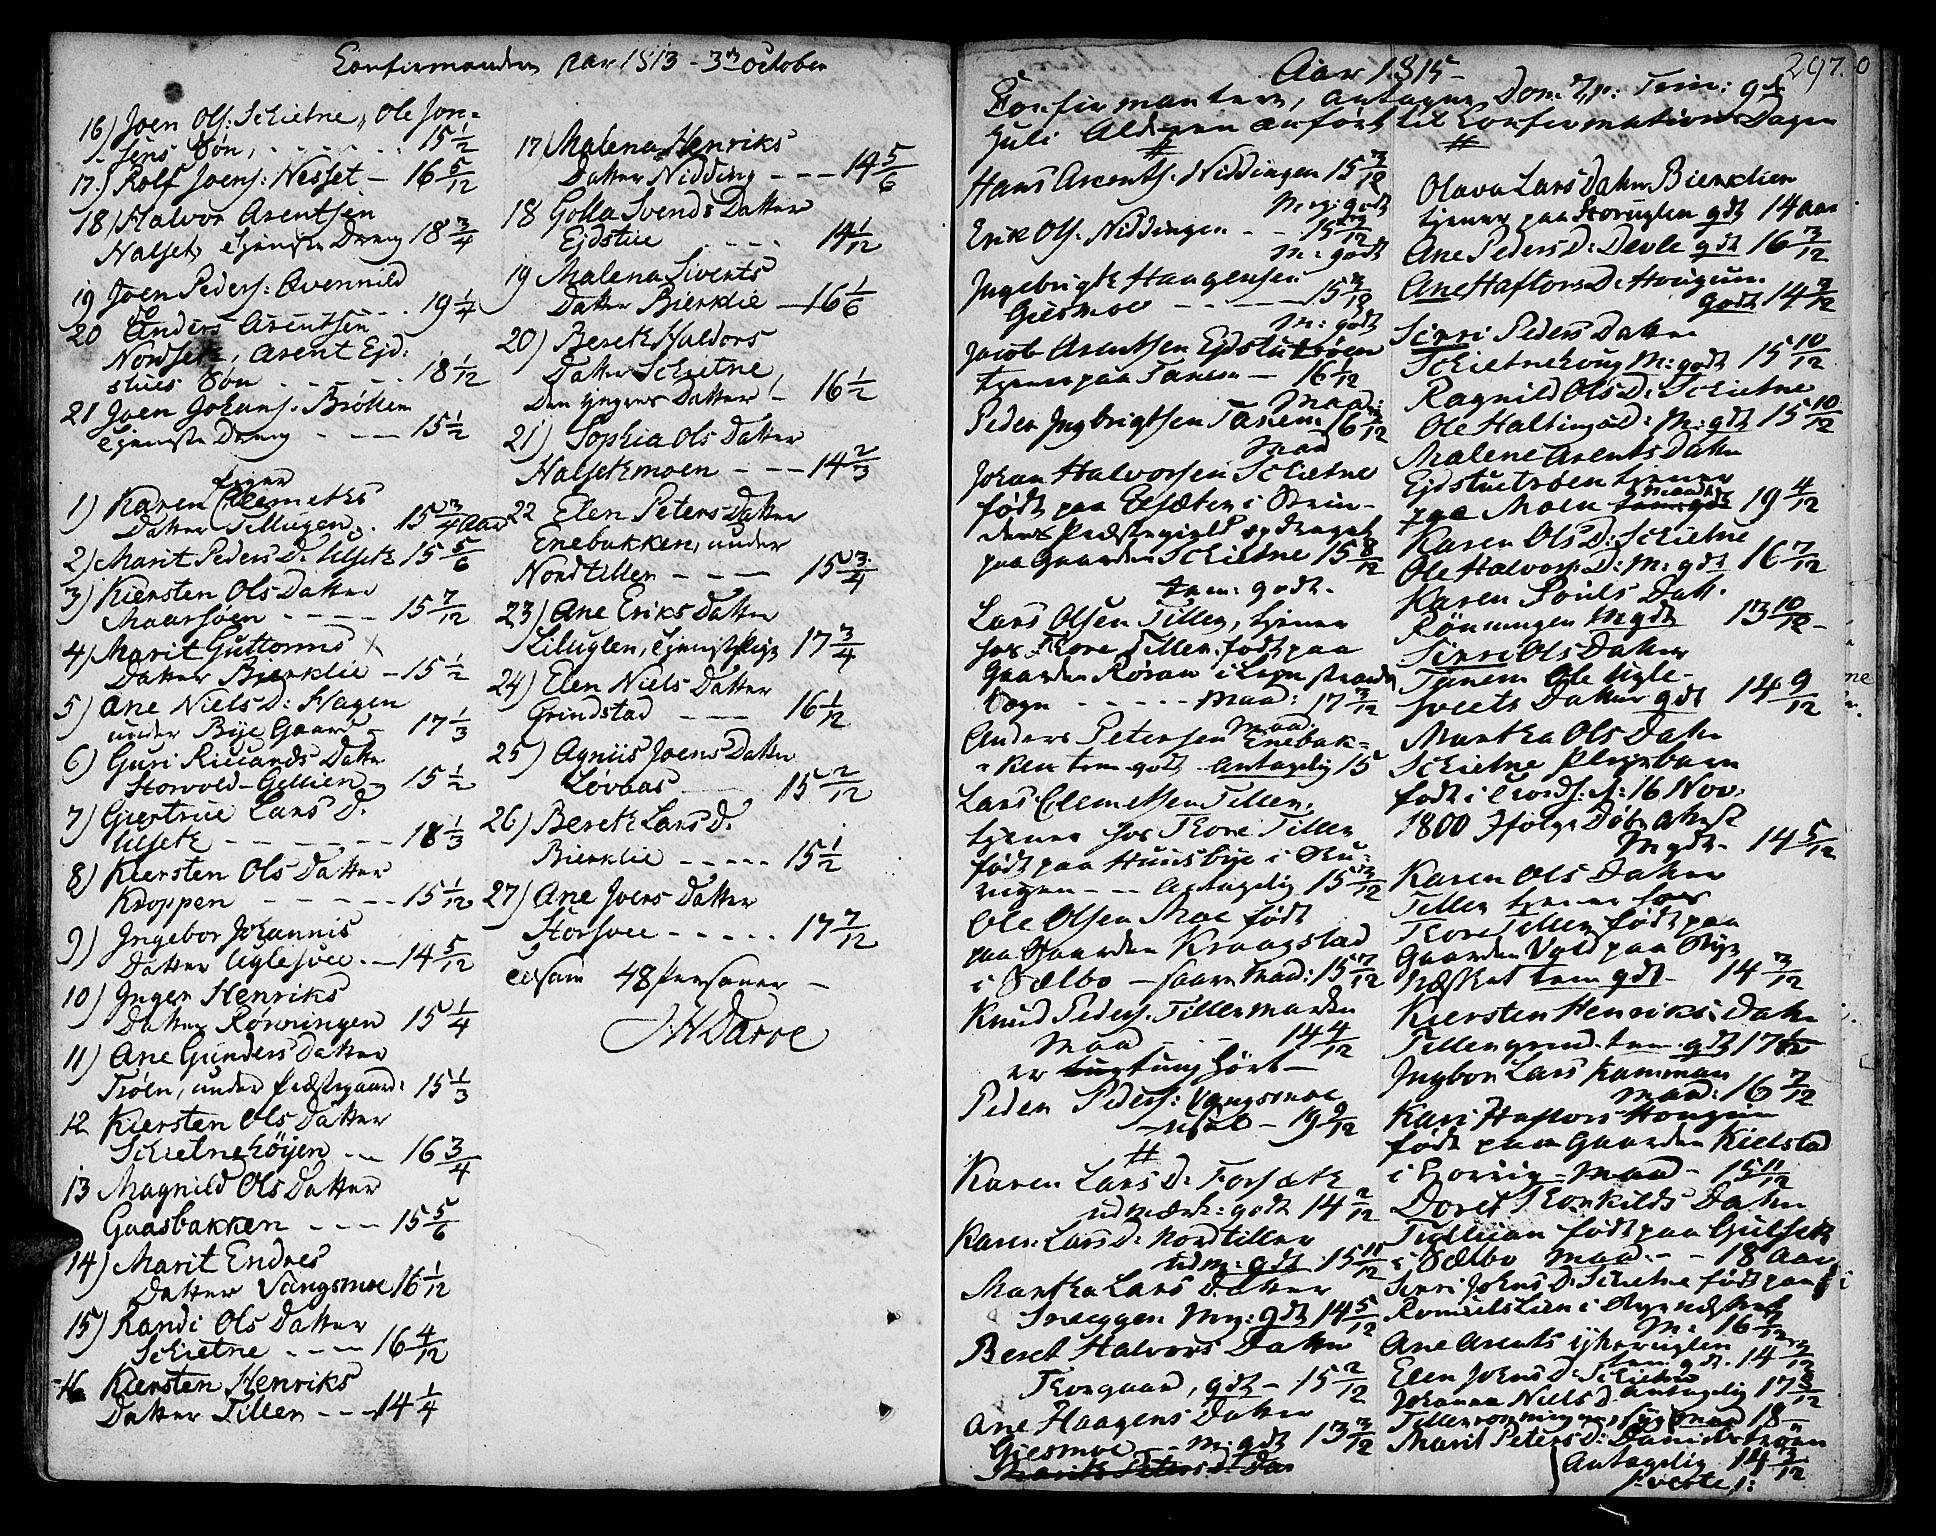 SAT, Ministerialprotokoller, klokkerbøker og fødselsregistre - Sør-Trøndelag, 618/L0438: Ministerialbok nr. 618A03, 1783-1815, s. 297